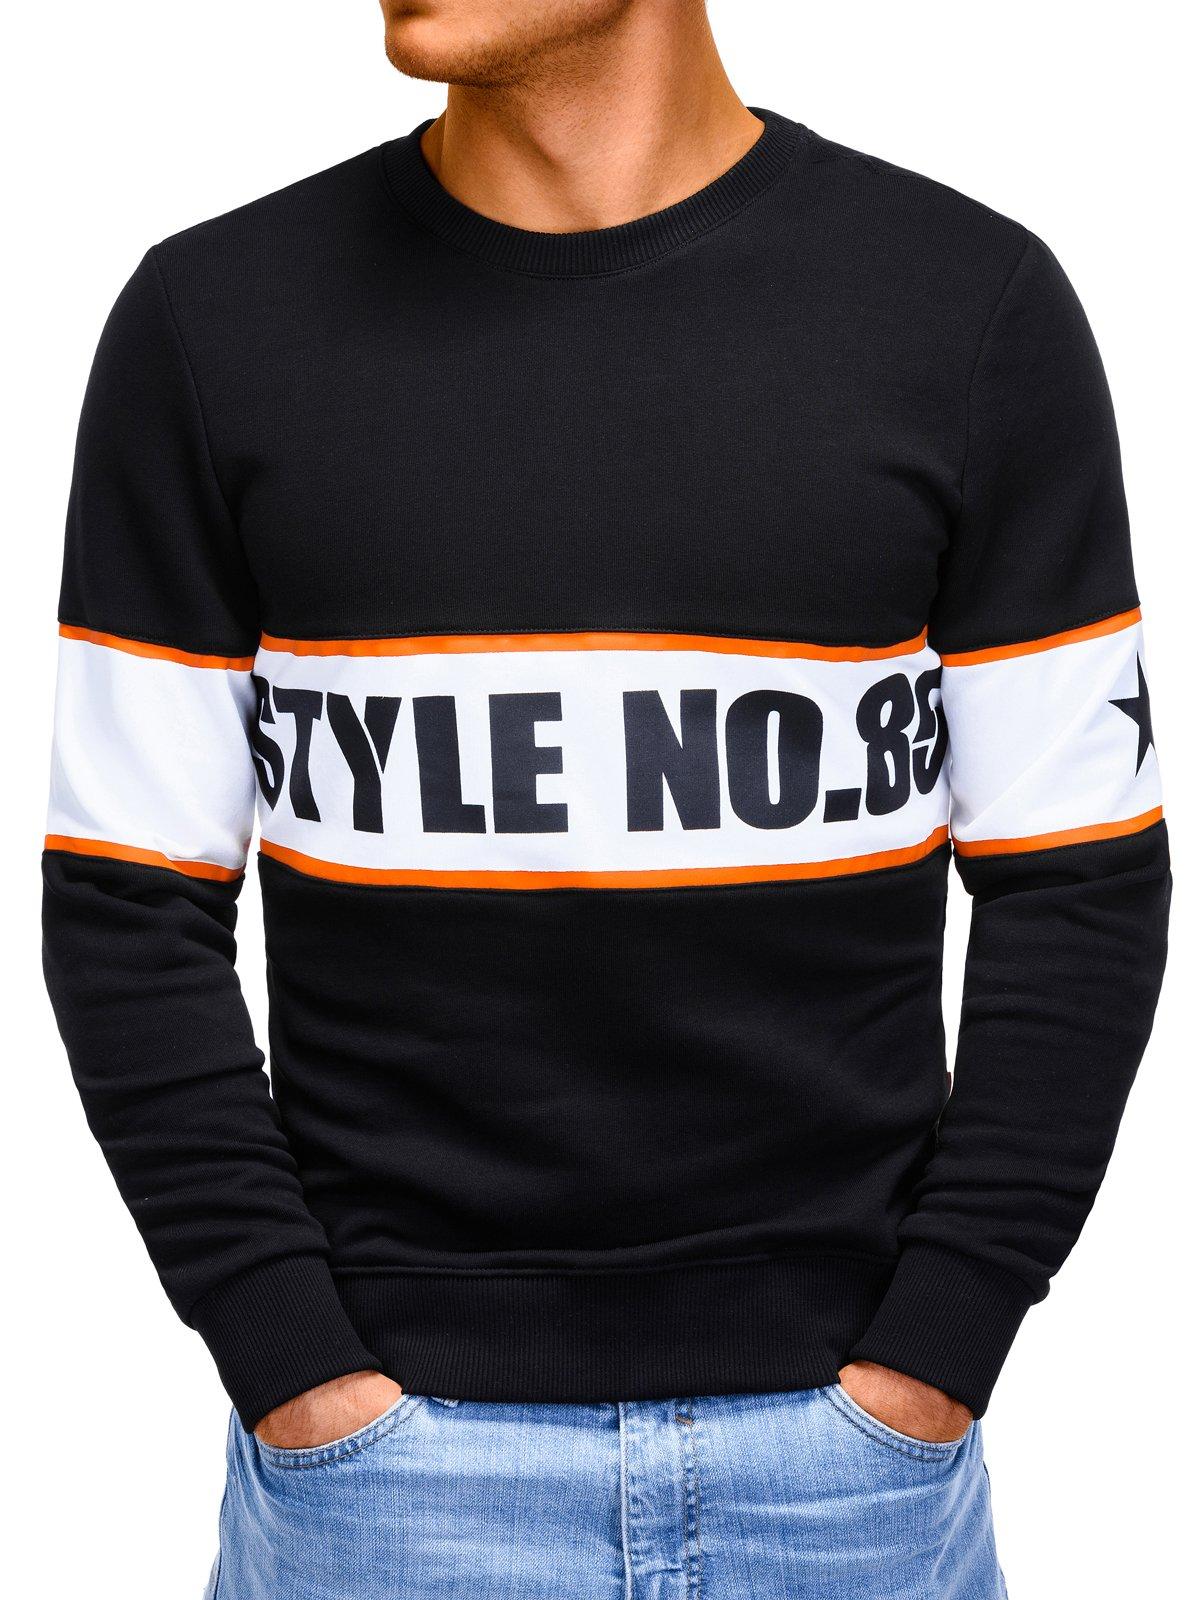 bluzy bluza męska bez kaptura z nadrukiem b926 - czarna - m